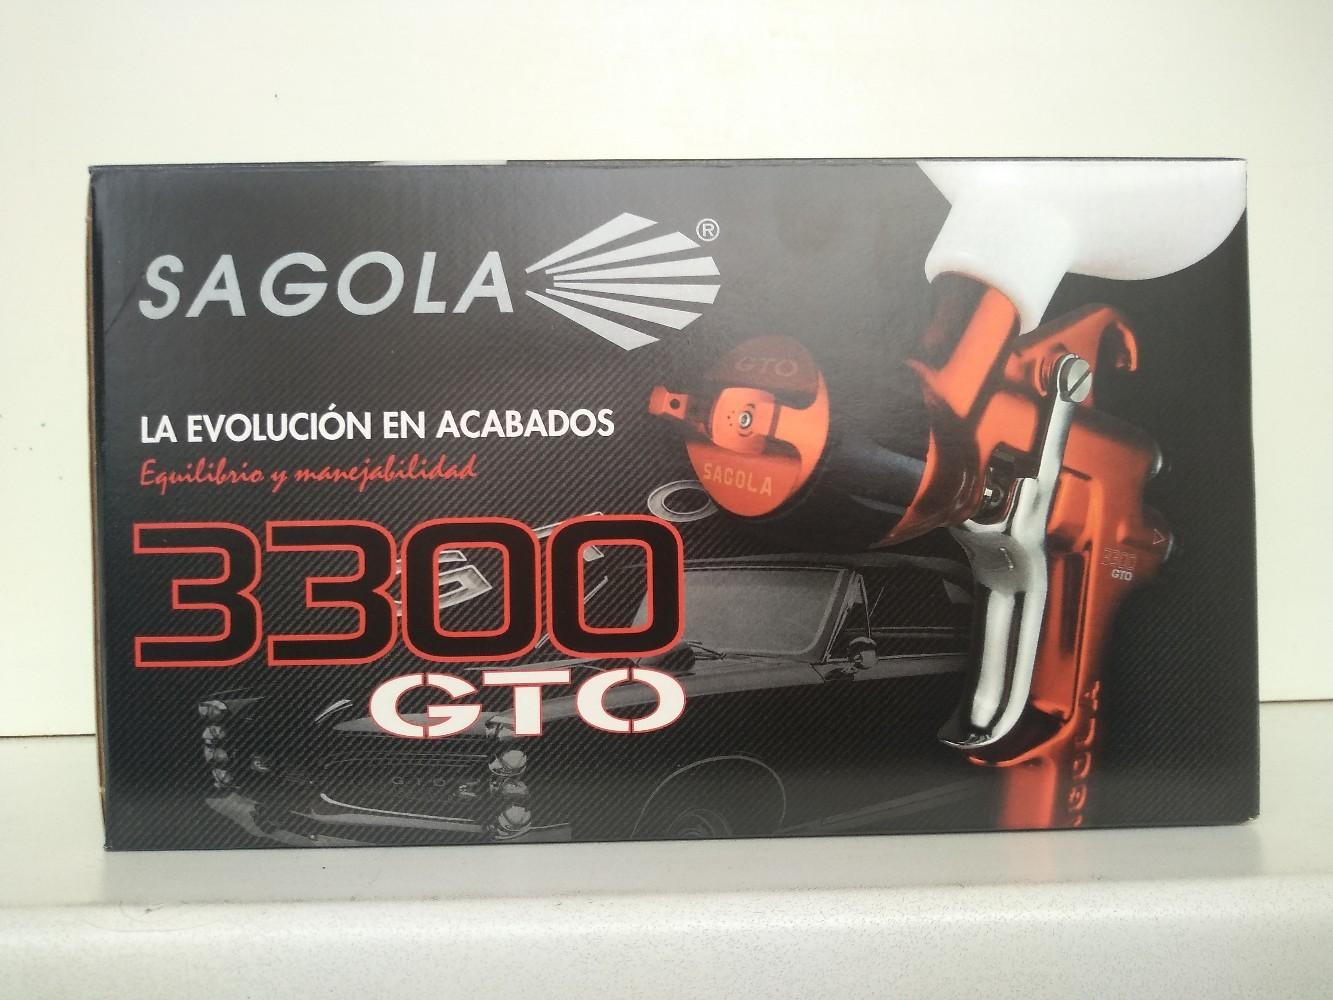 SAGOLA 3300 GTO CAR 1.3 TECH